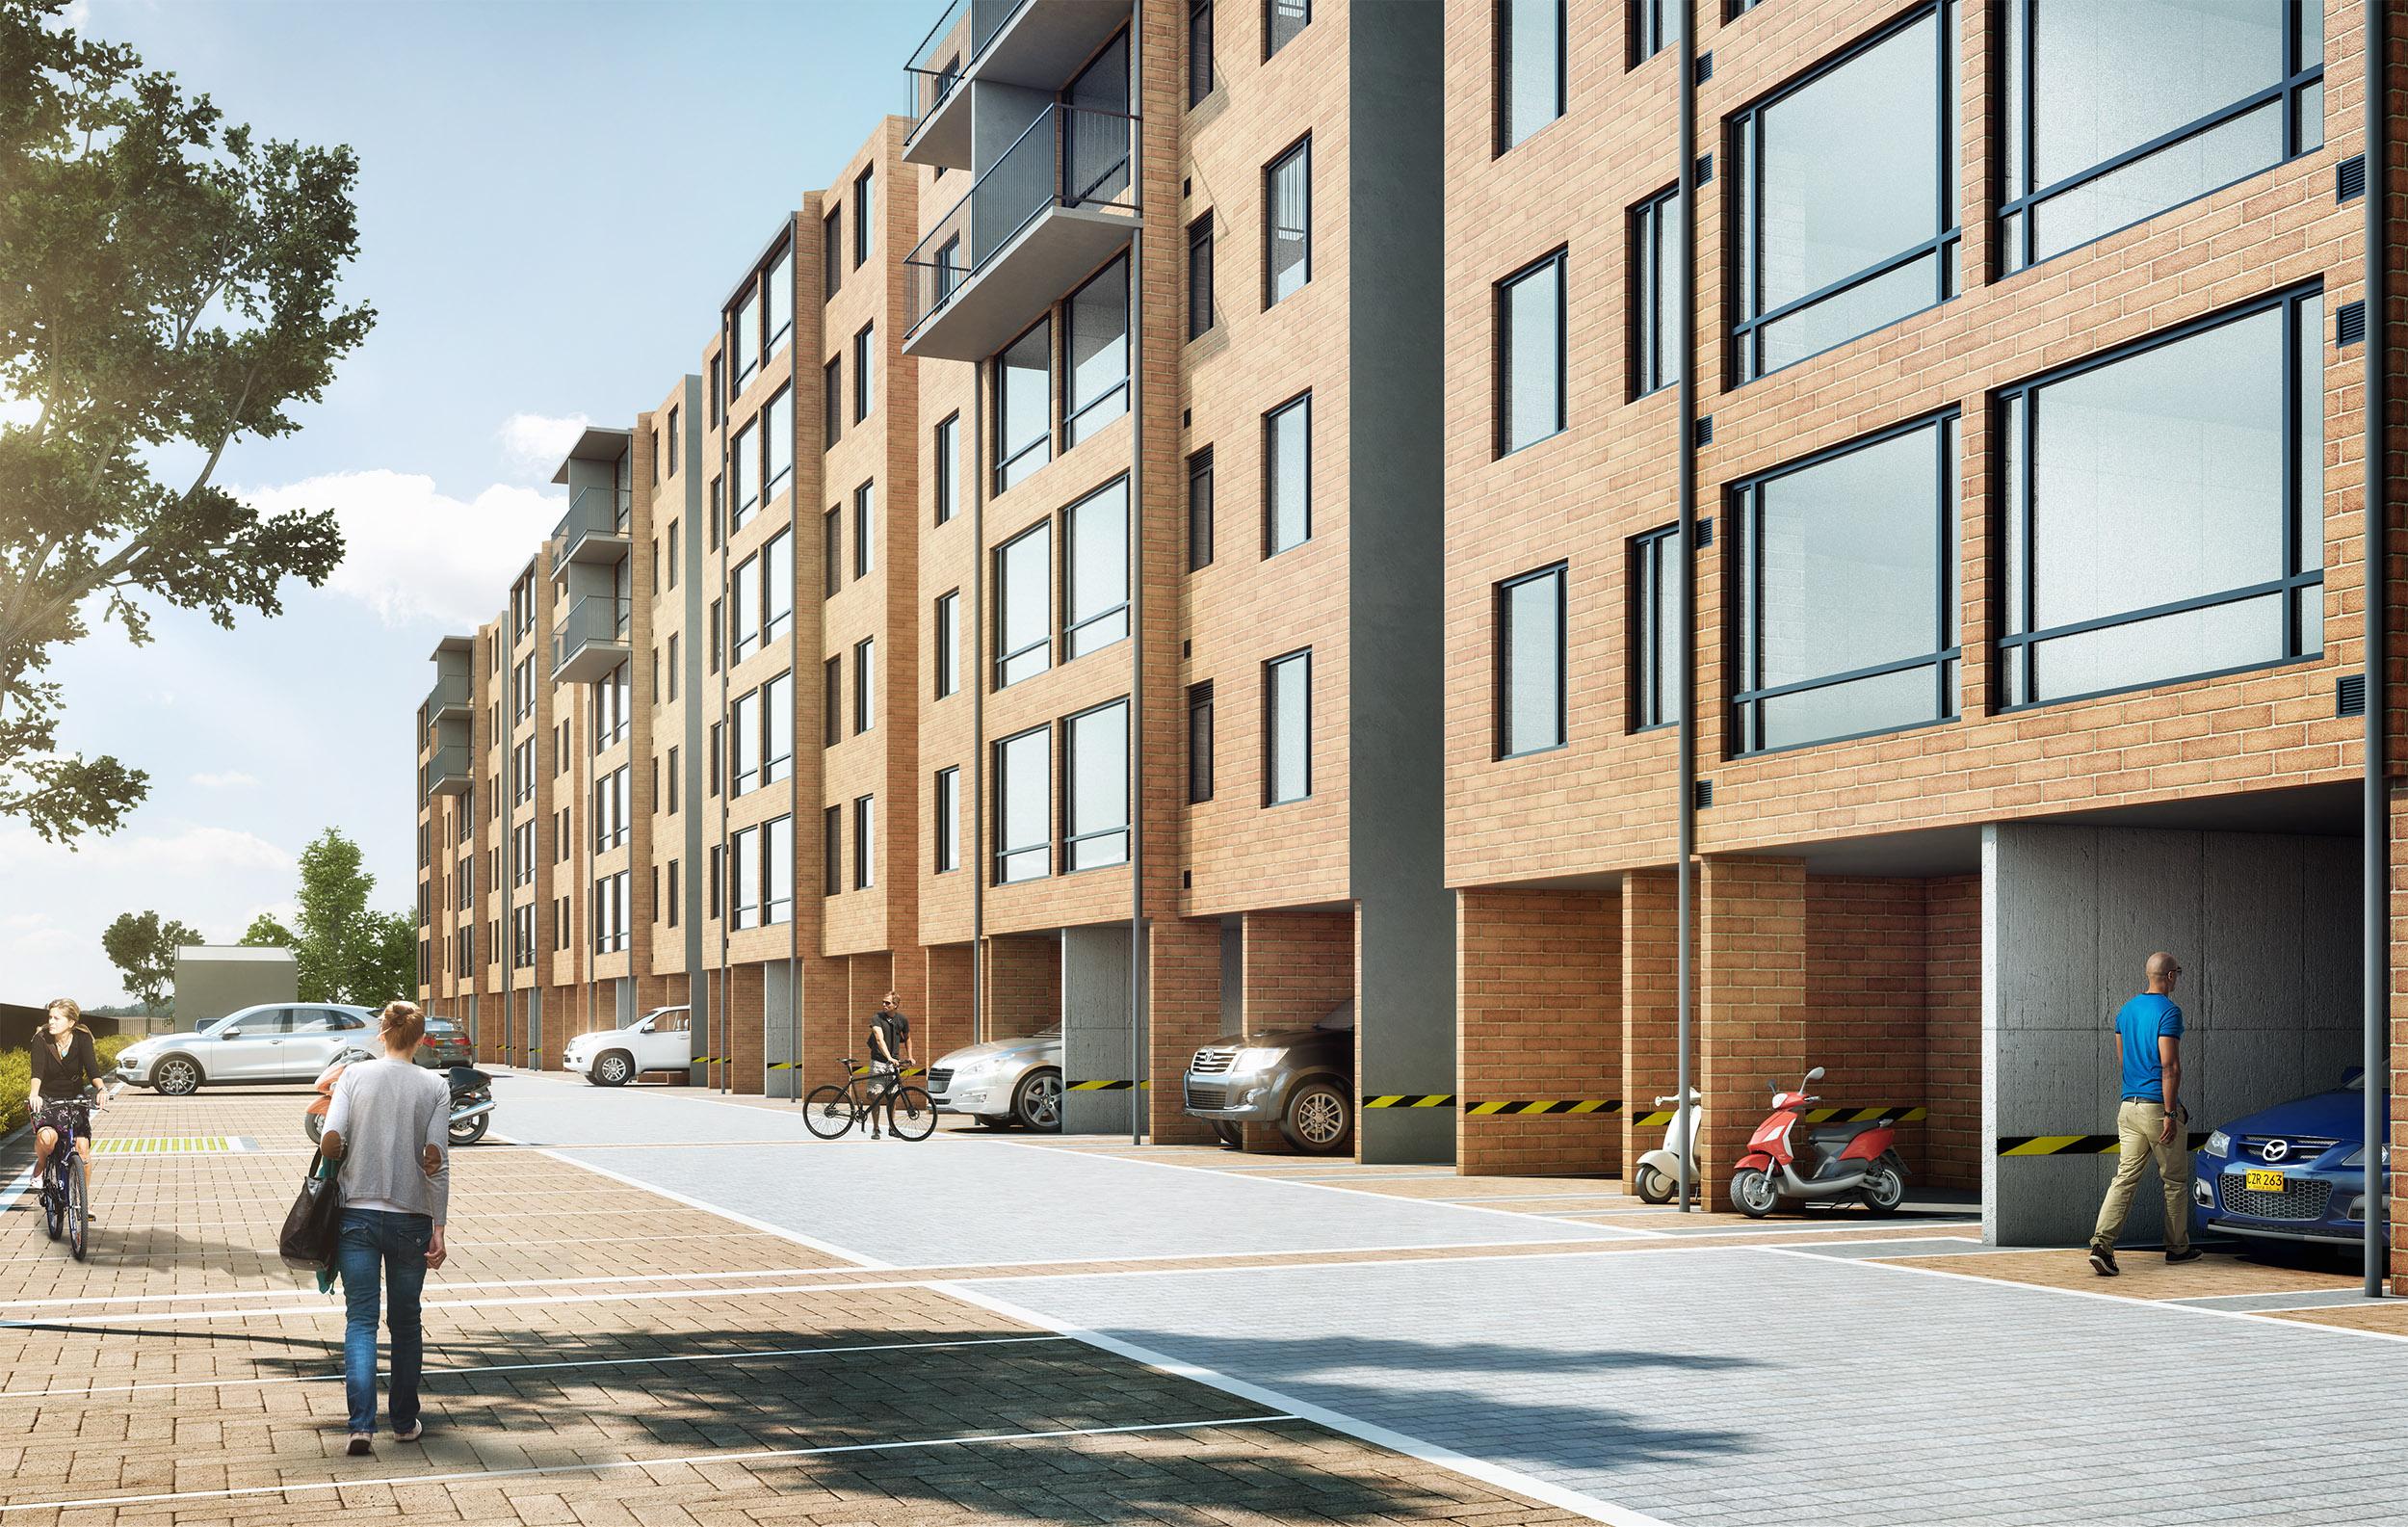 Toledo-apartamentos-via-indumil-soacha-nuevos-vivienda-de-interes-social-vis-venta-vivienda-bogota-3-habitaciones-2-baños-cundinamarca-torortiz-casas-lotes-FACHADA - FINAL BAJA